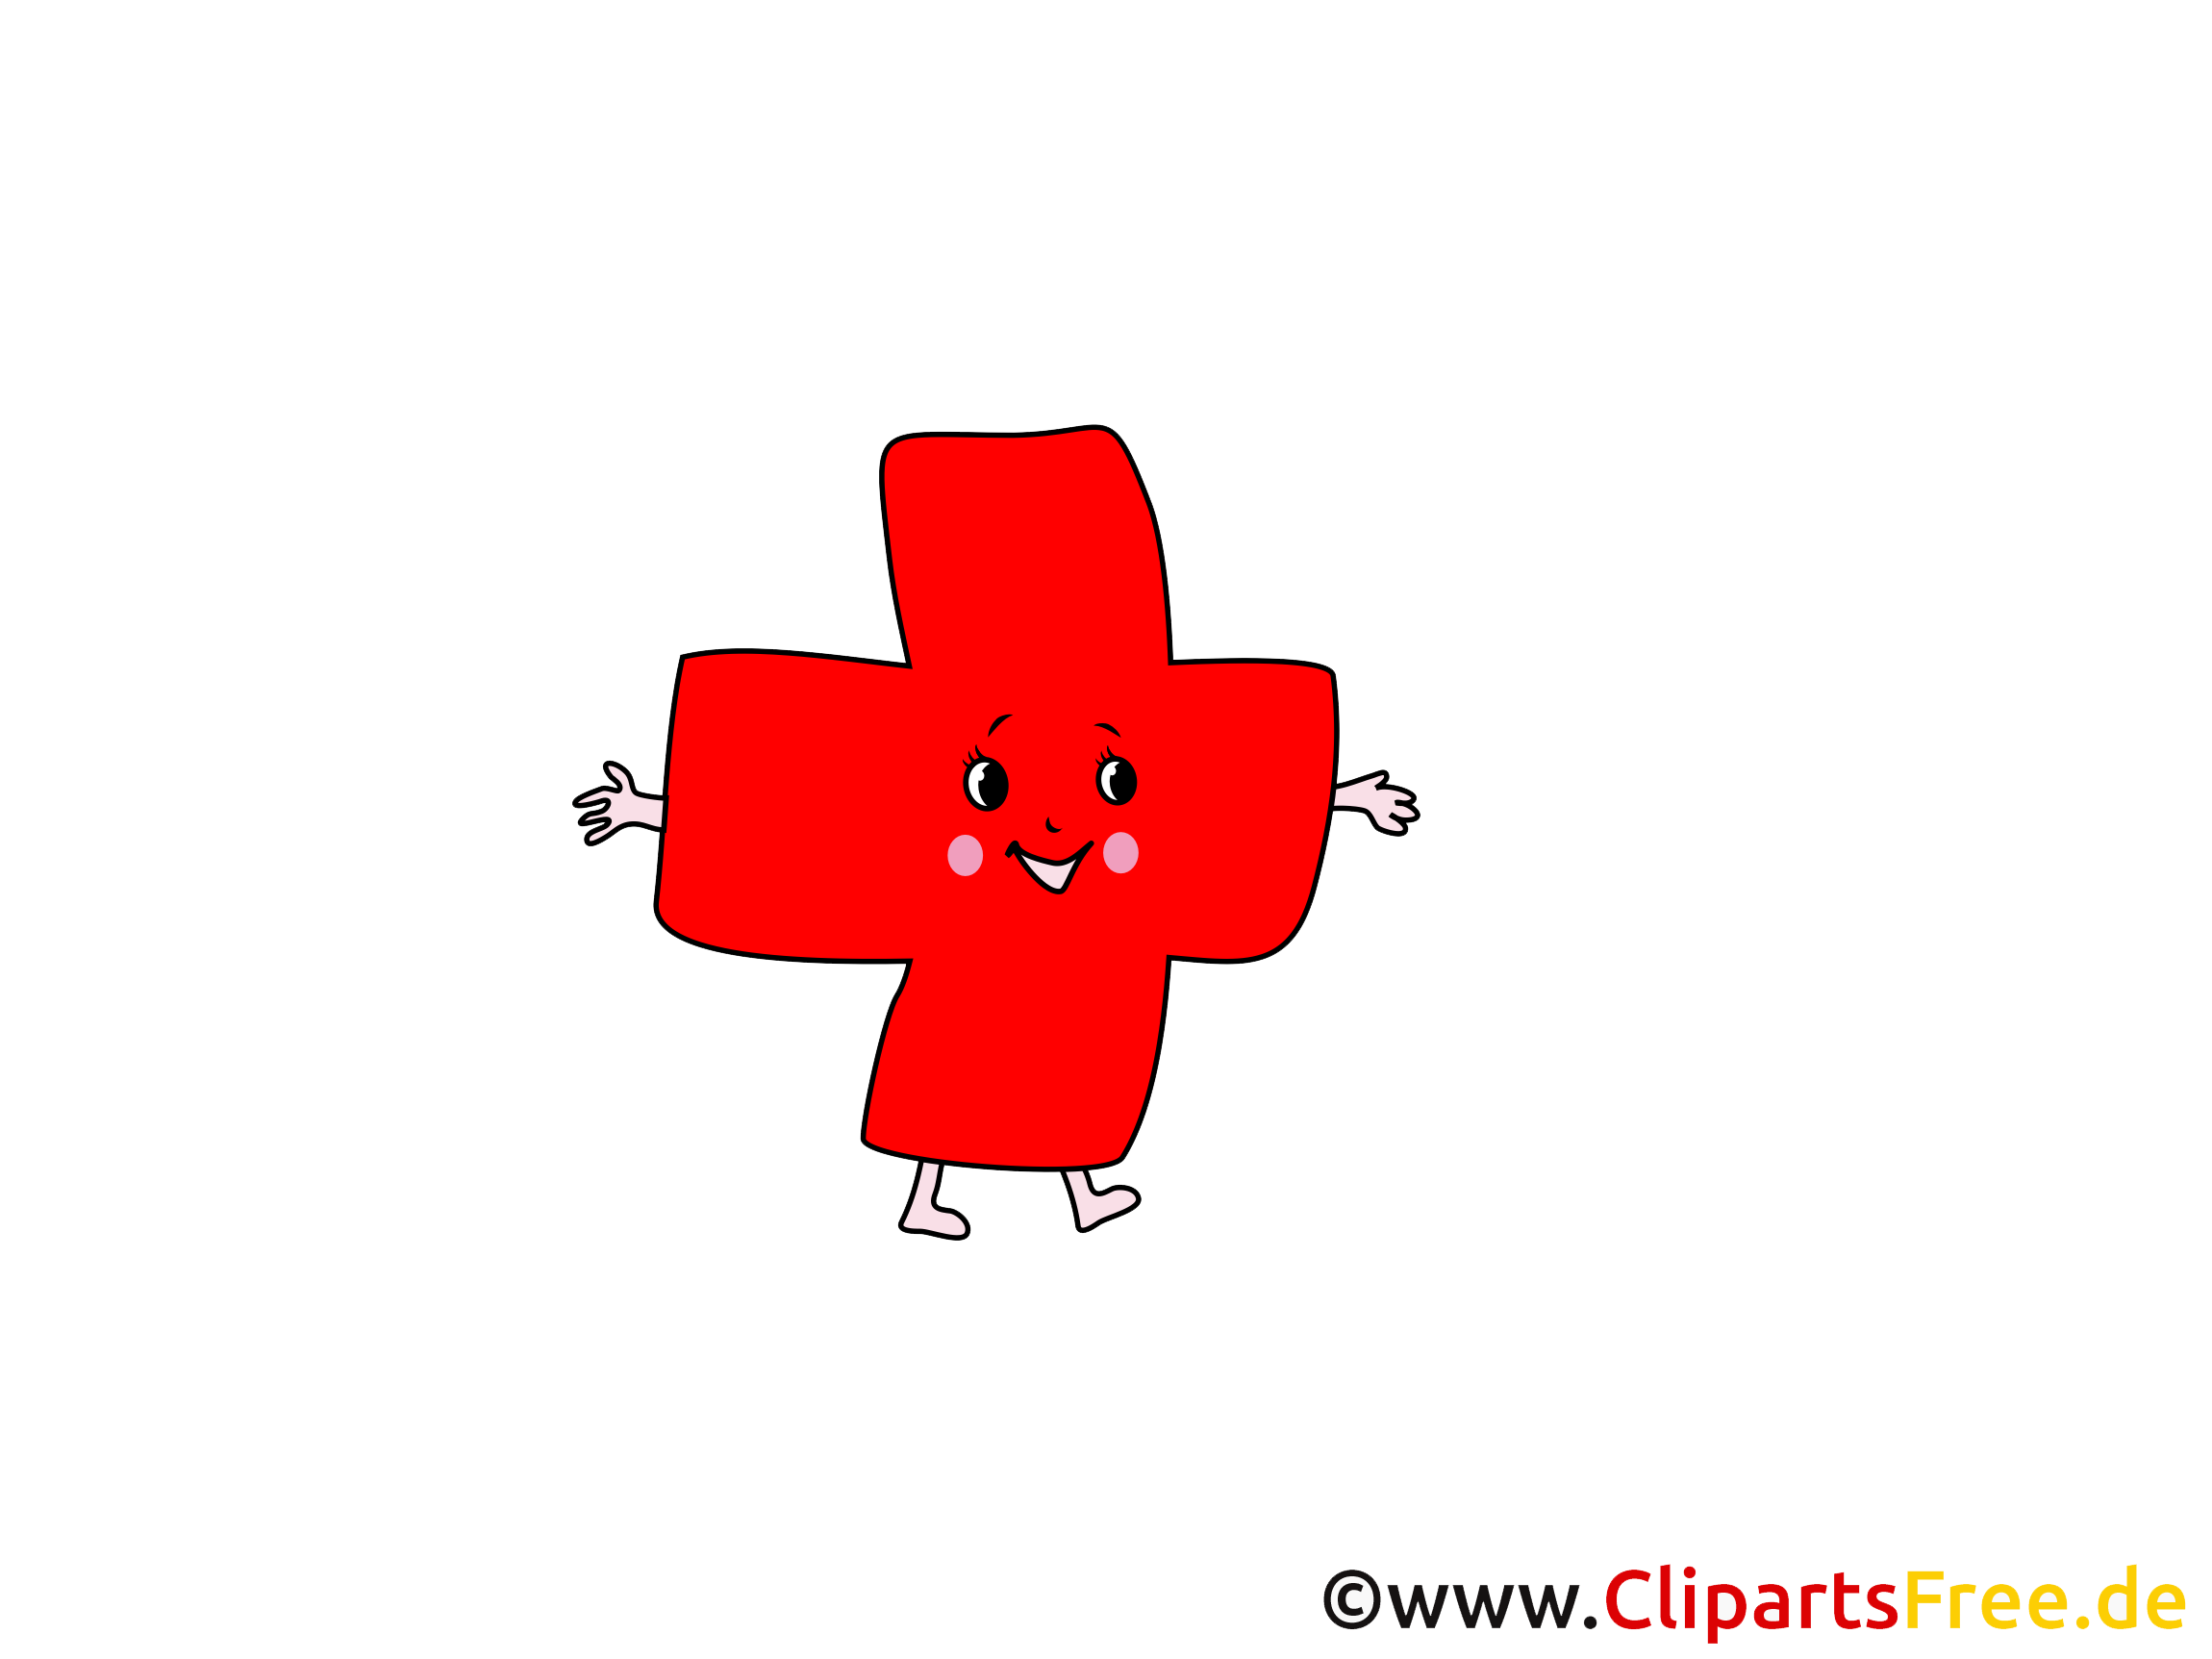 Croix rouge images – Médecine clipart